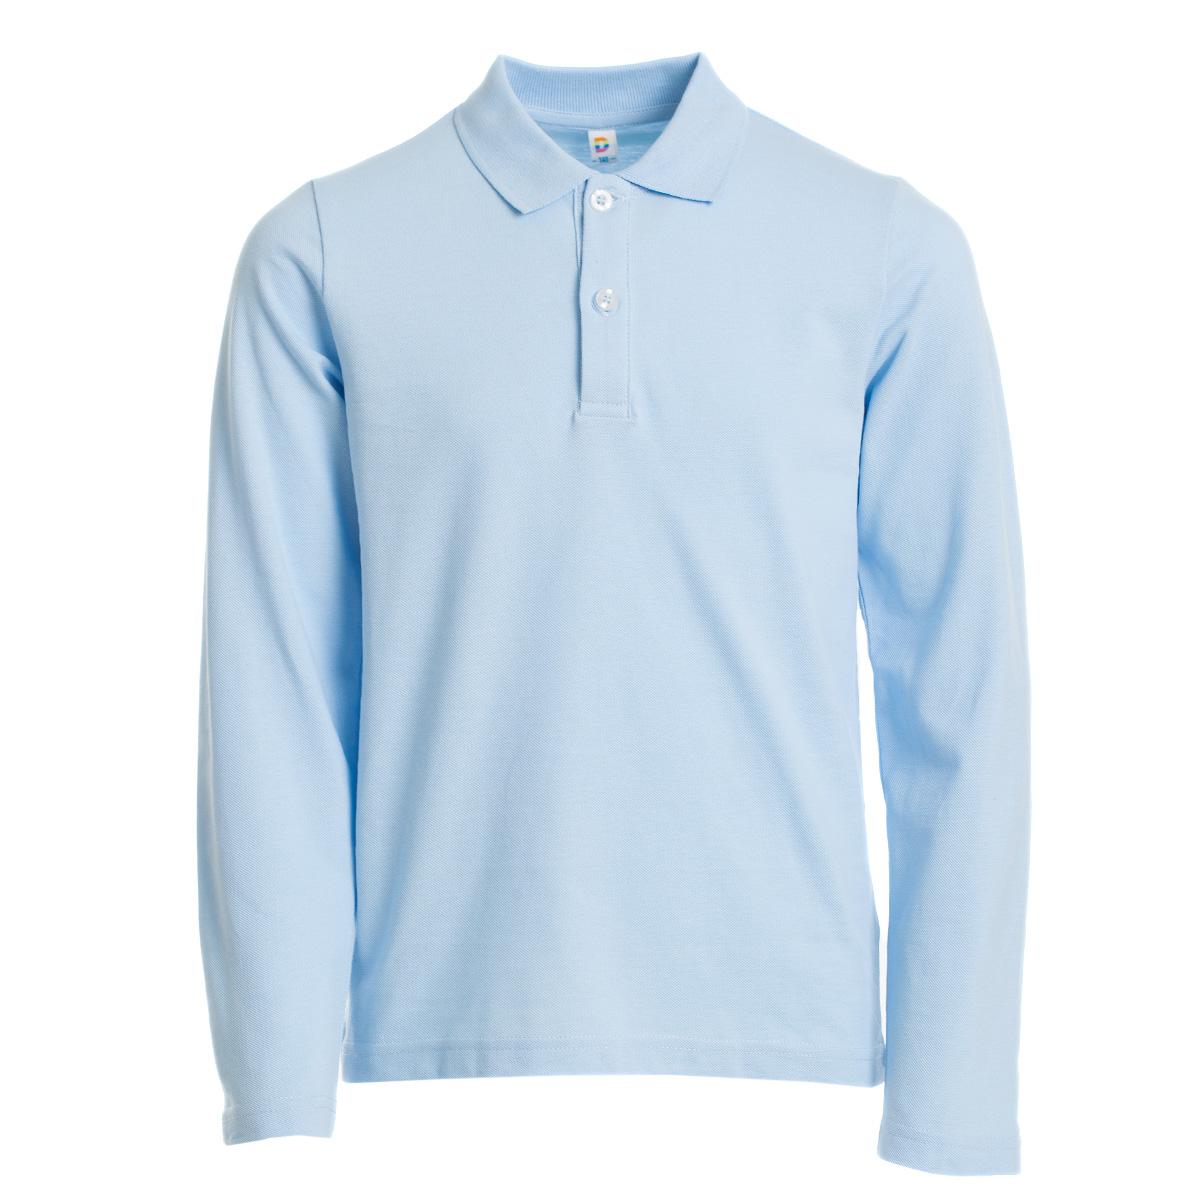 Рубашка поло DRESSPARK, MP-B040302